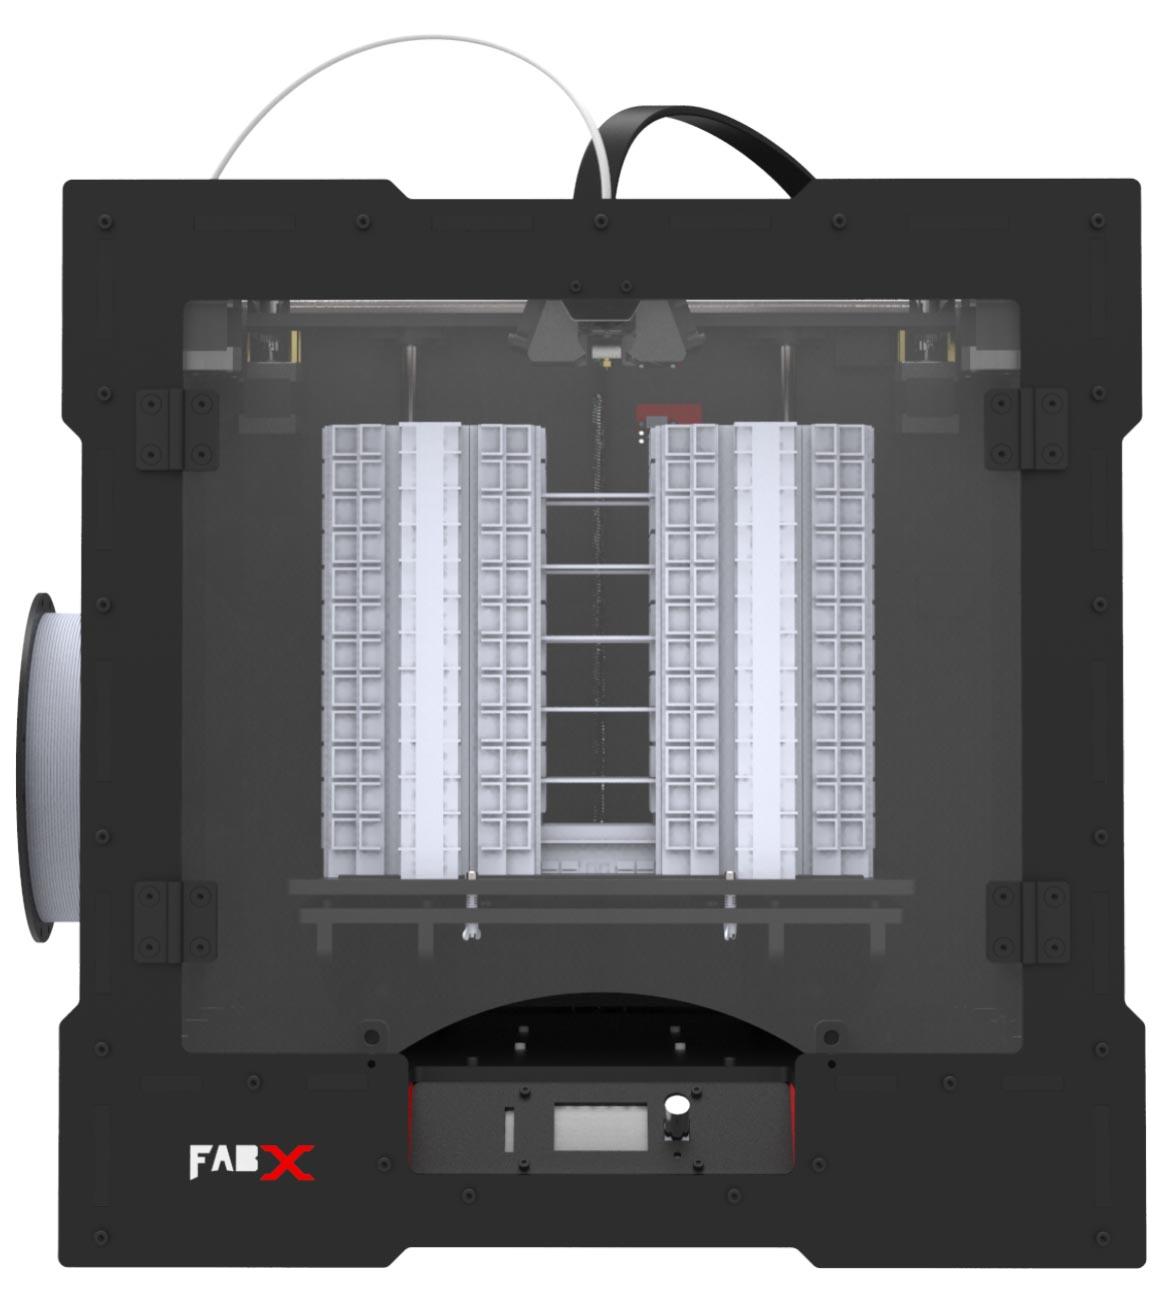 FabXL 3D Printer Architecture